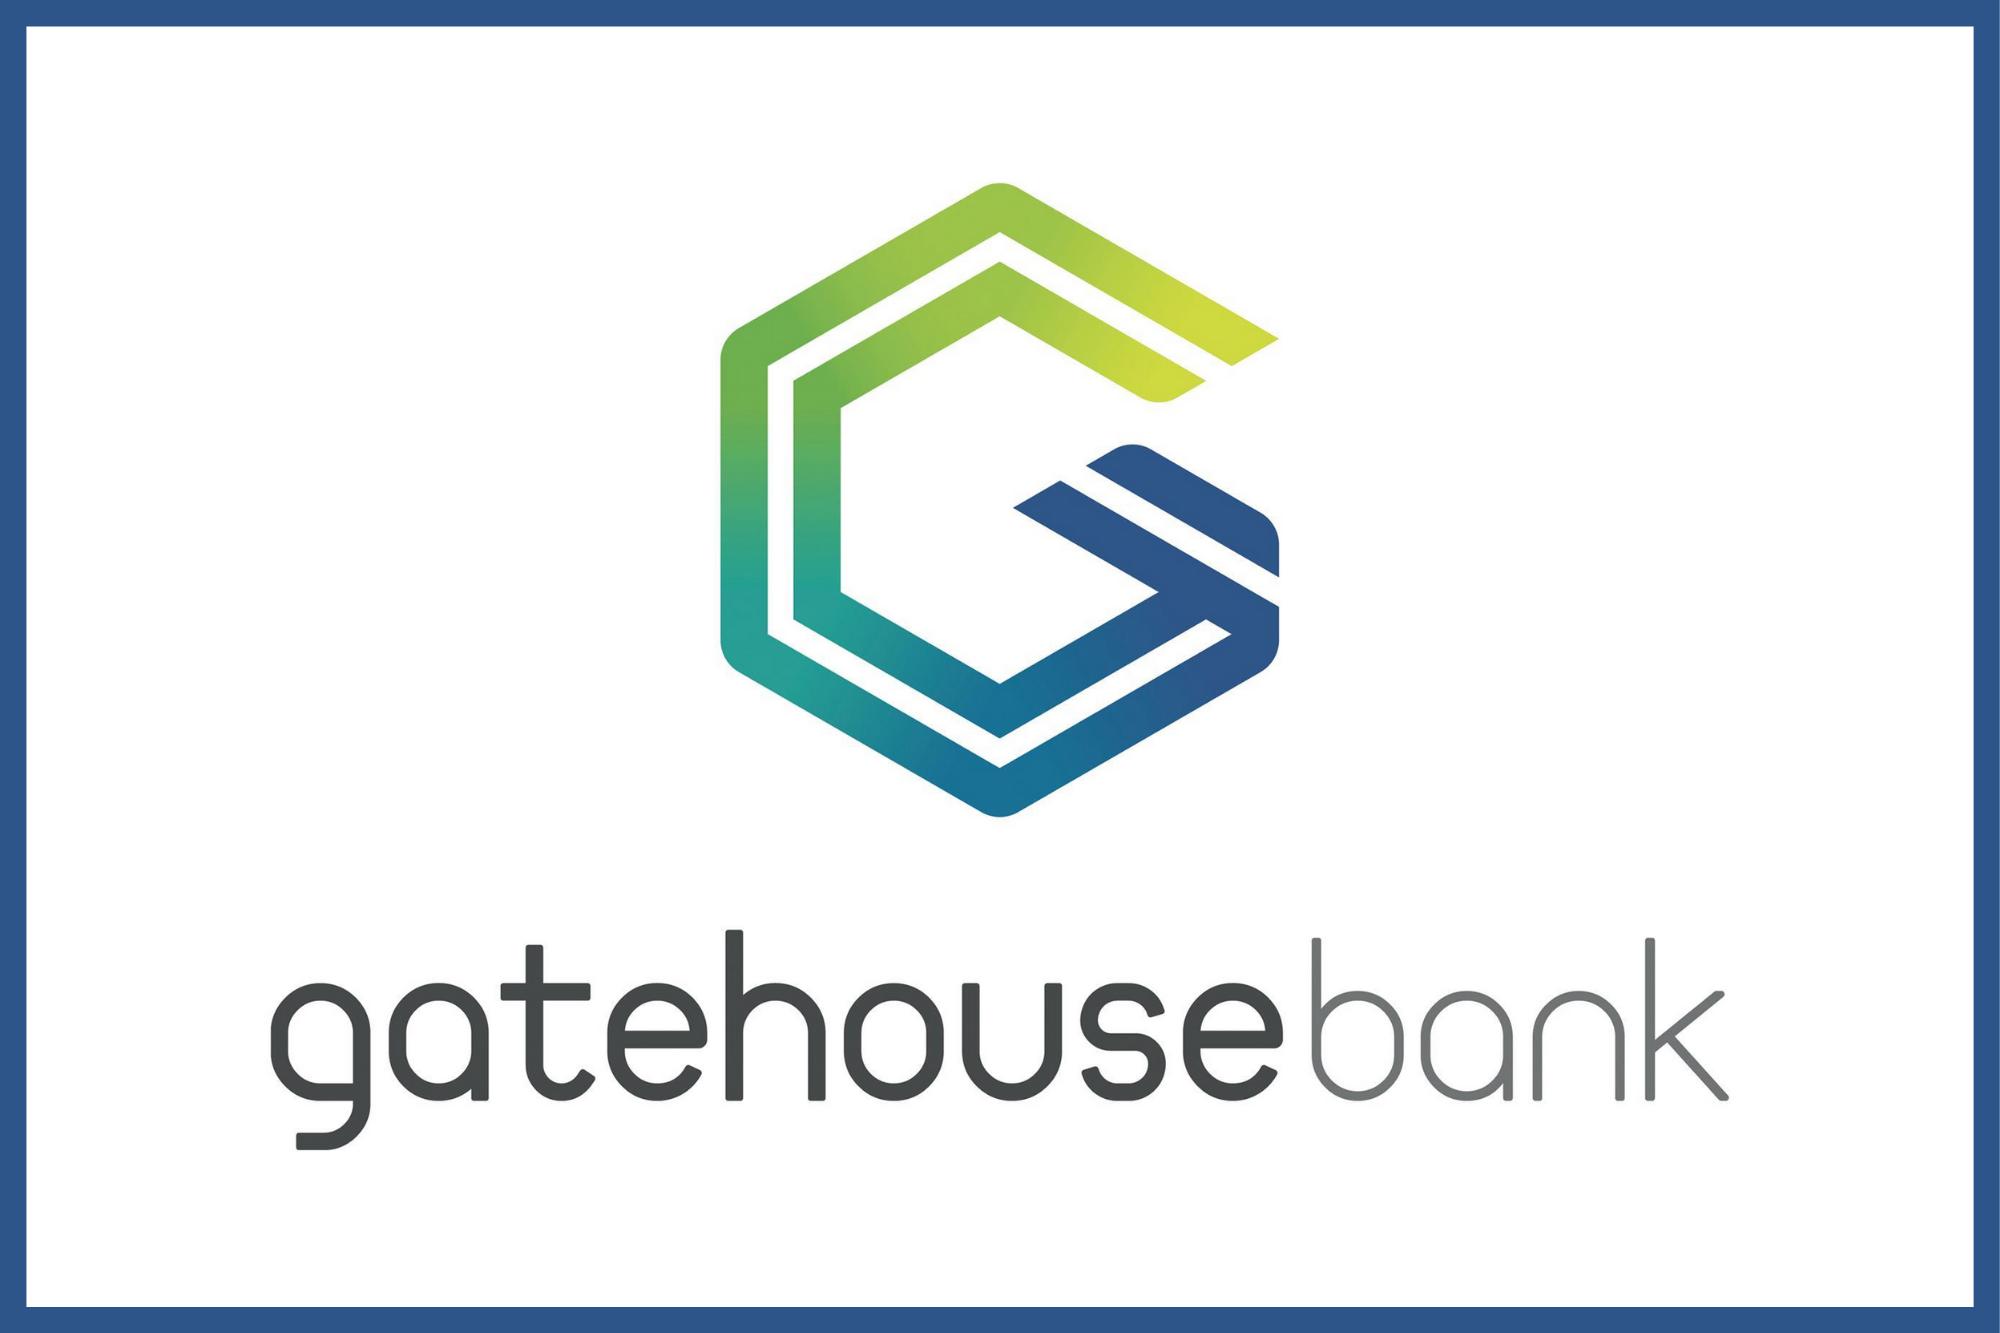 Gatehouse Bank